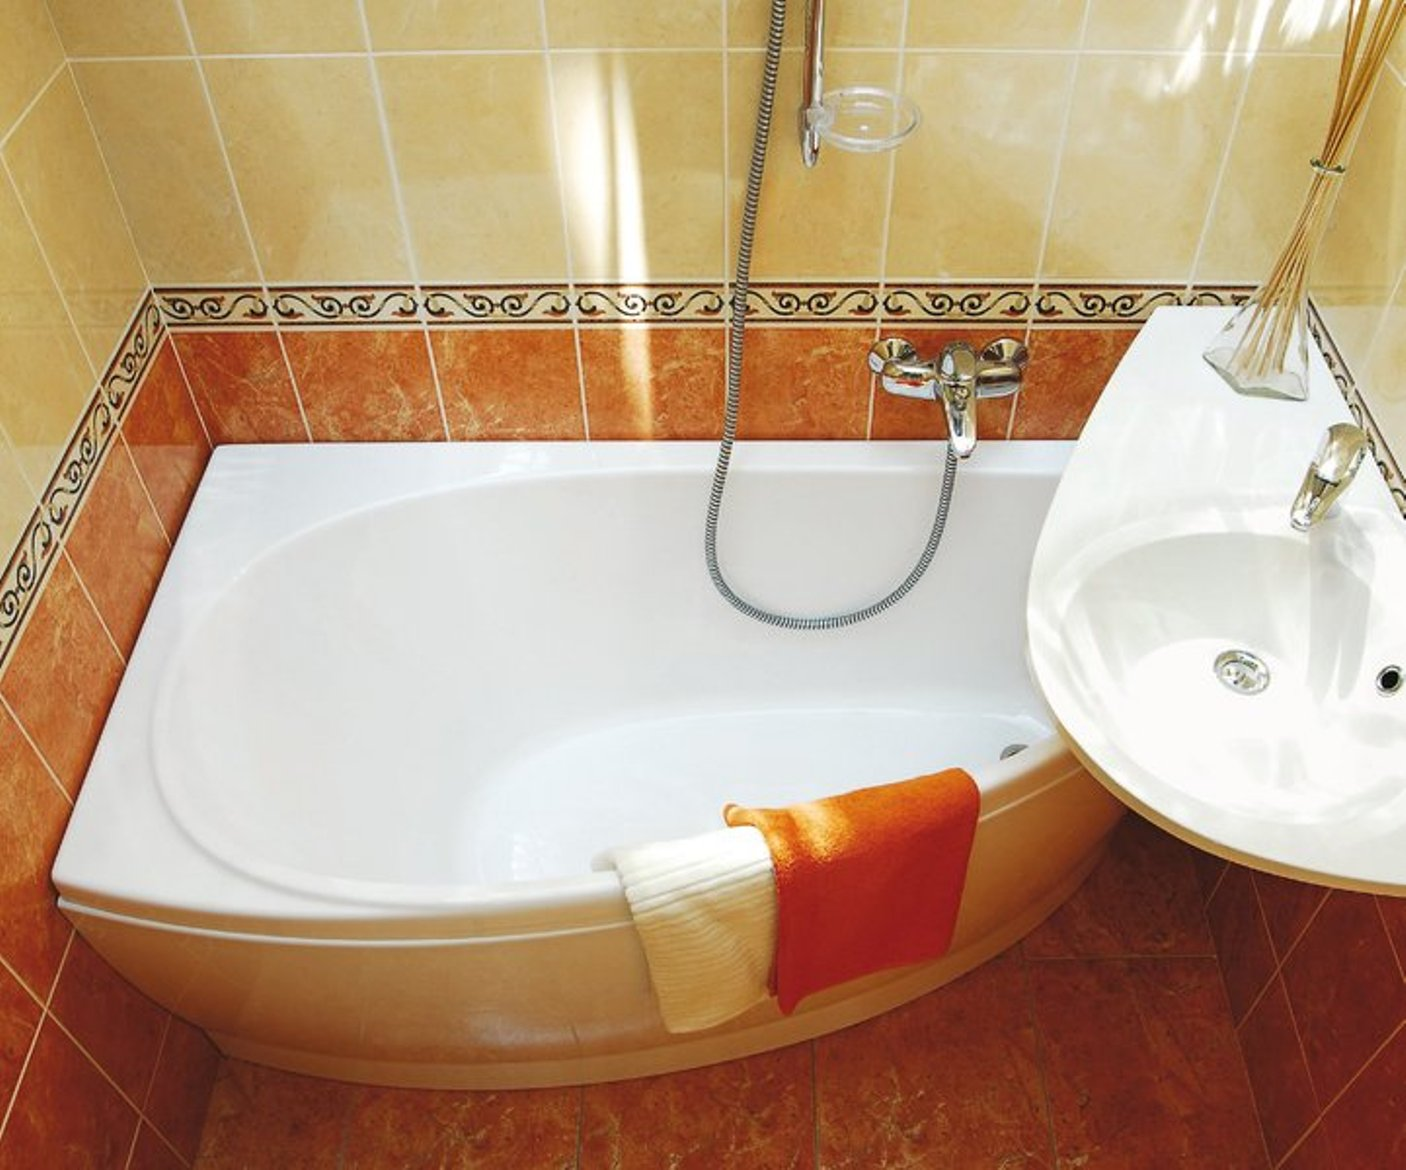 Фото дизайна для маленькой ванной комнаты в желтых тонах с классическим угловым расположением